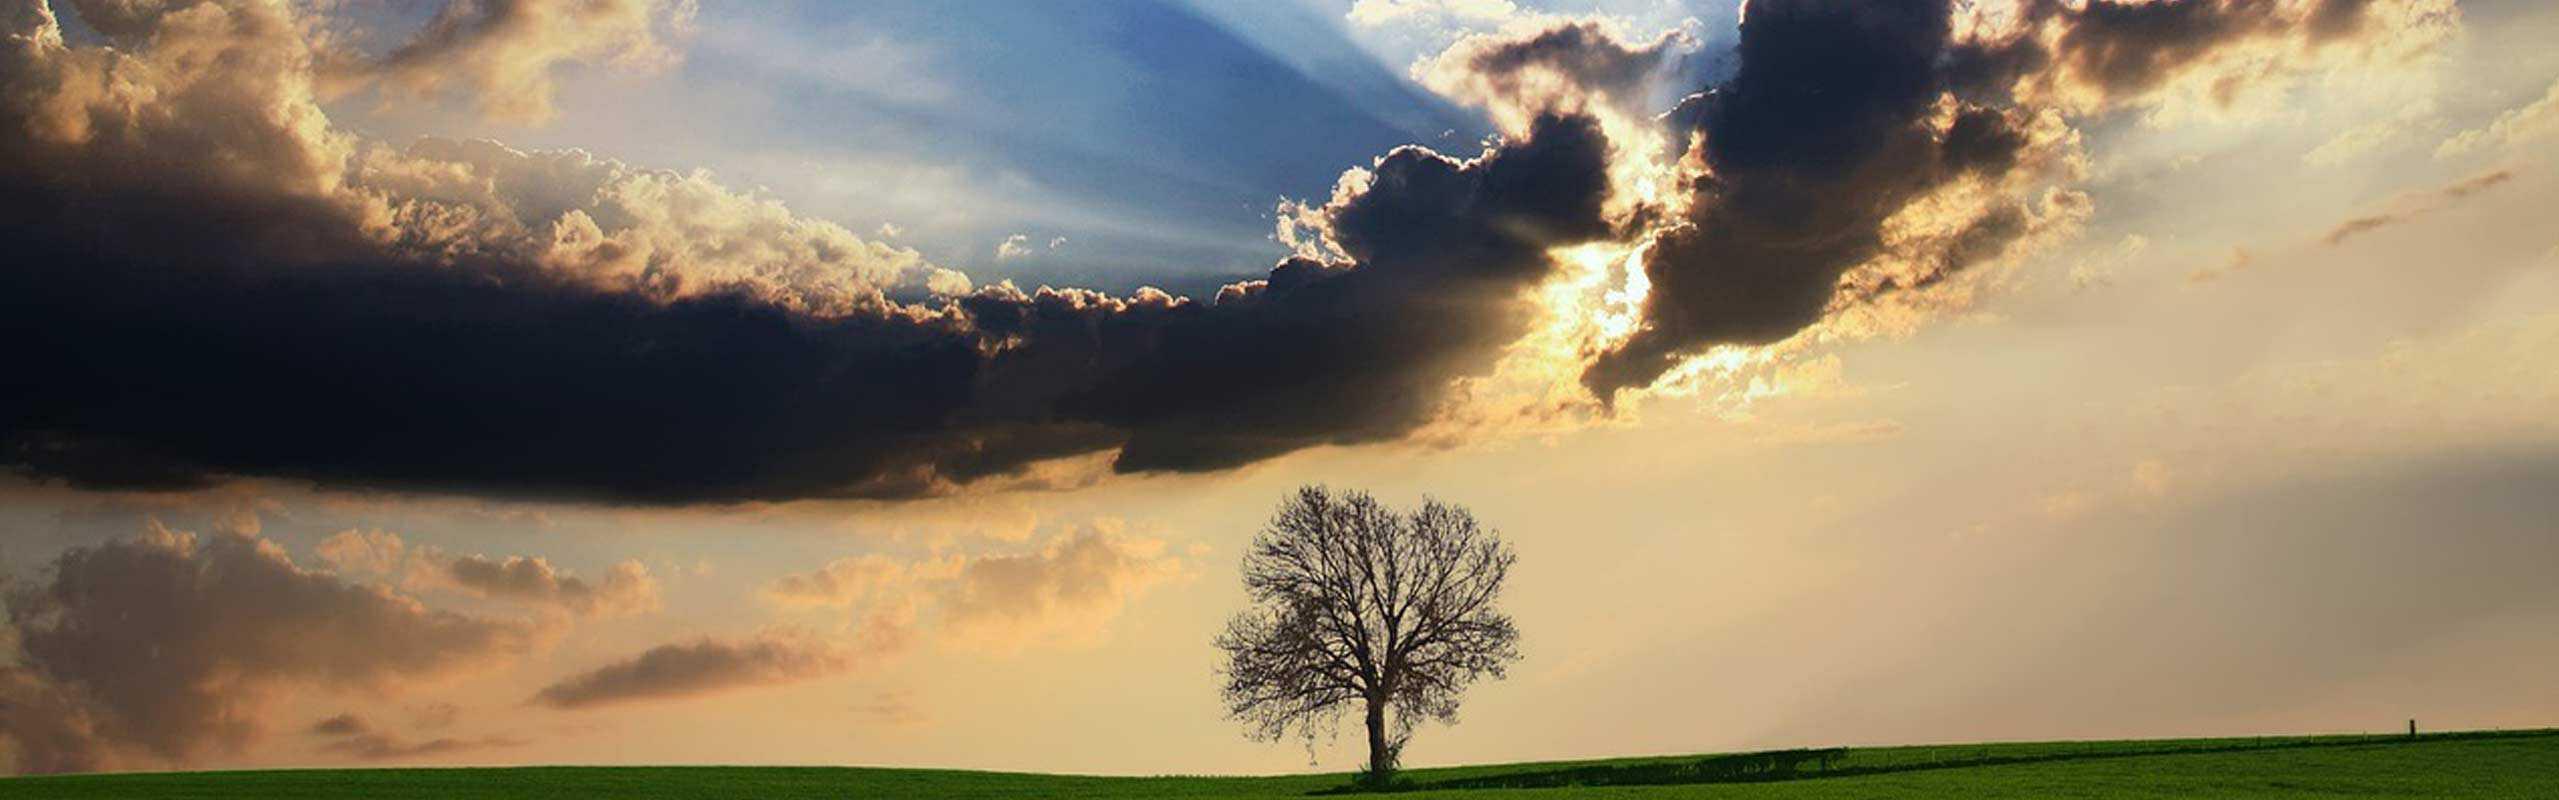 Descubre cómo hacer fotos de paisajes naturales sin utilizar filtros